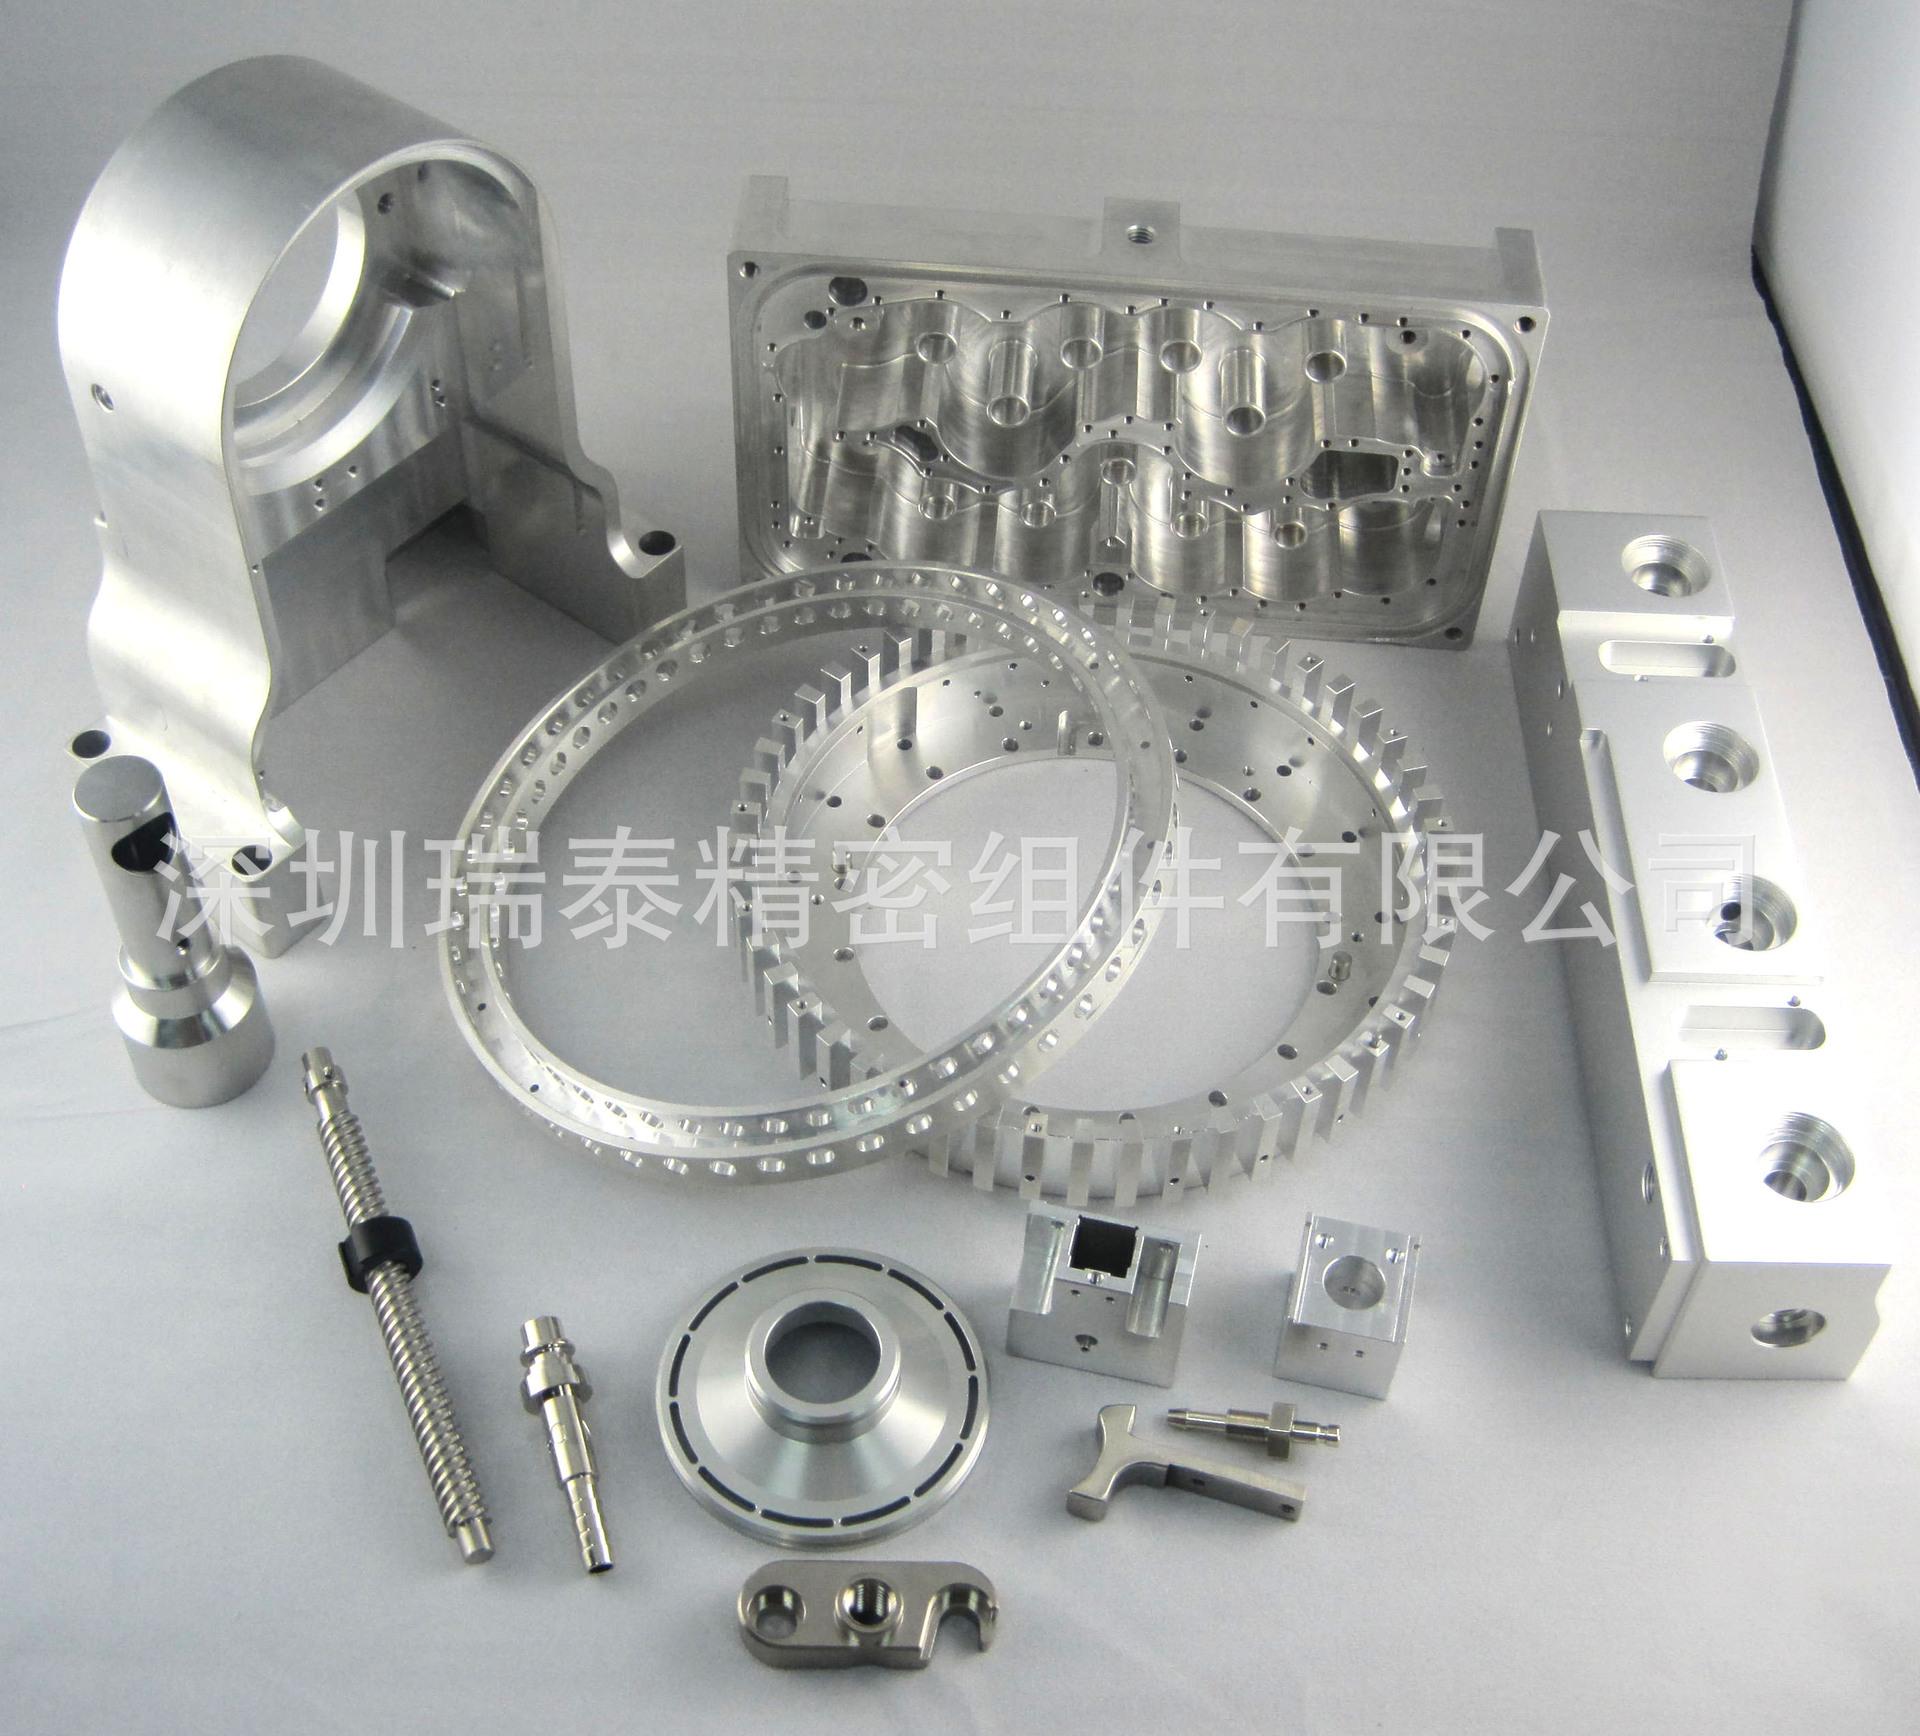 CNC电脑锣加工 CNC精密加工 CNC加工 精密零件加工 珠三角CNC加工